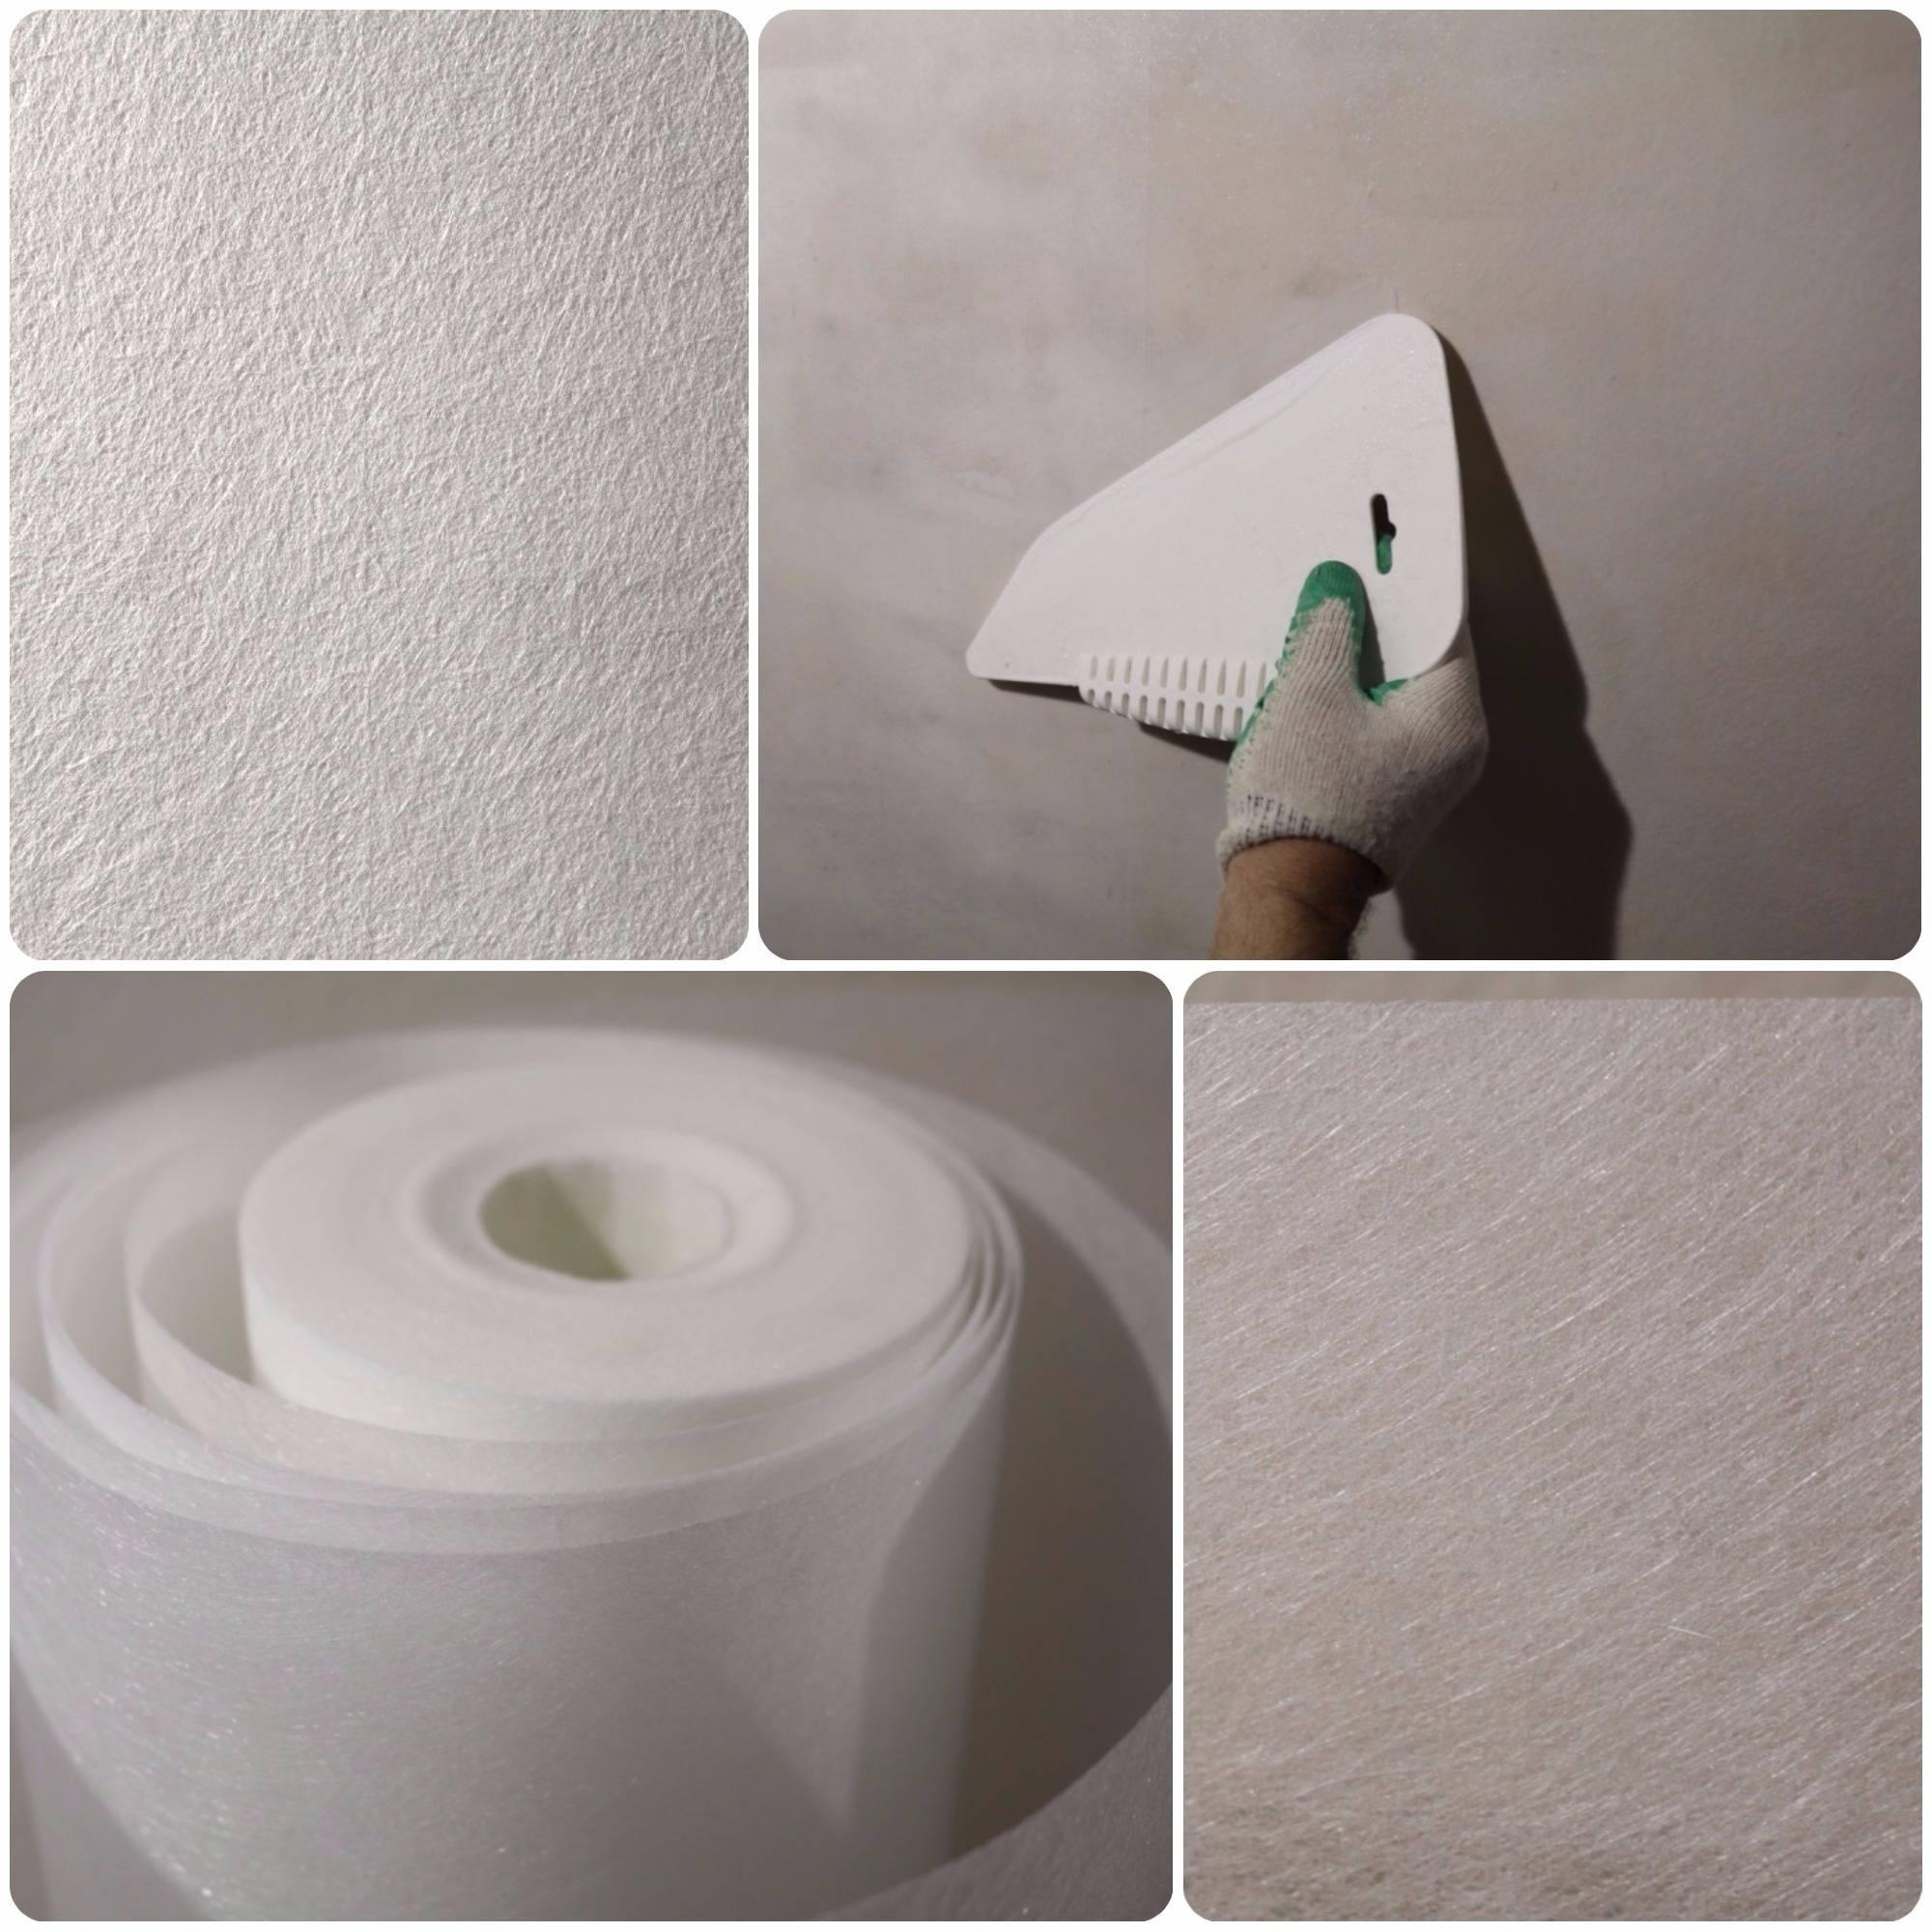 Клеим малярный стеклохолст «паутинка» под покраску для защиты от трещин